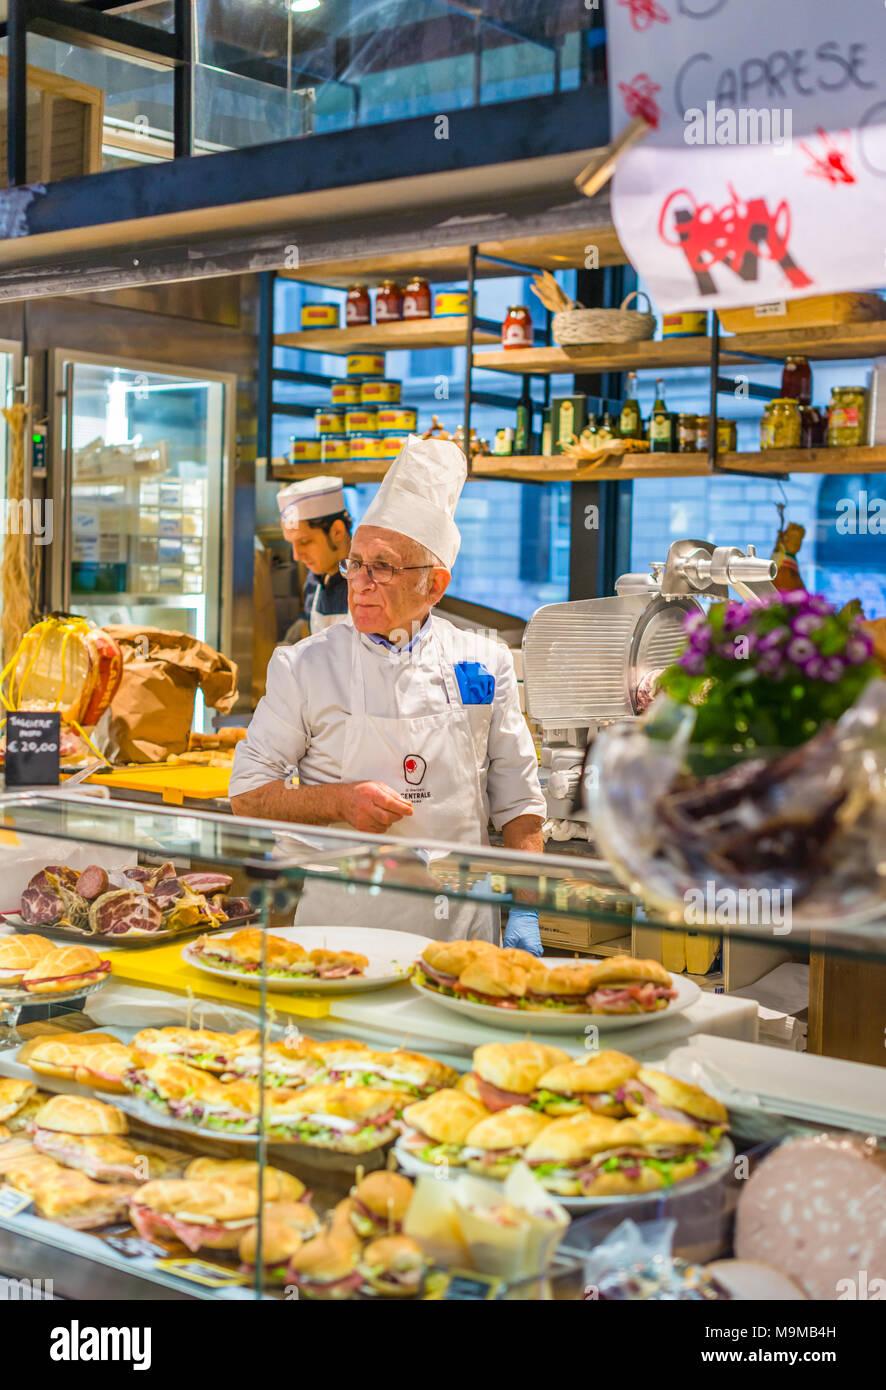 Two Italian men serving sandwiches at Mercato Centrale Roma next to Roma Termini railway station, Rome, Lazio, Italy. - Stock Image